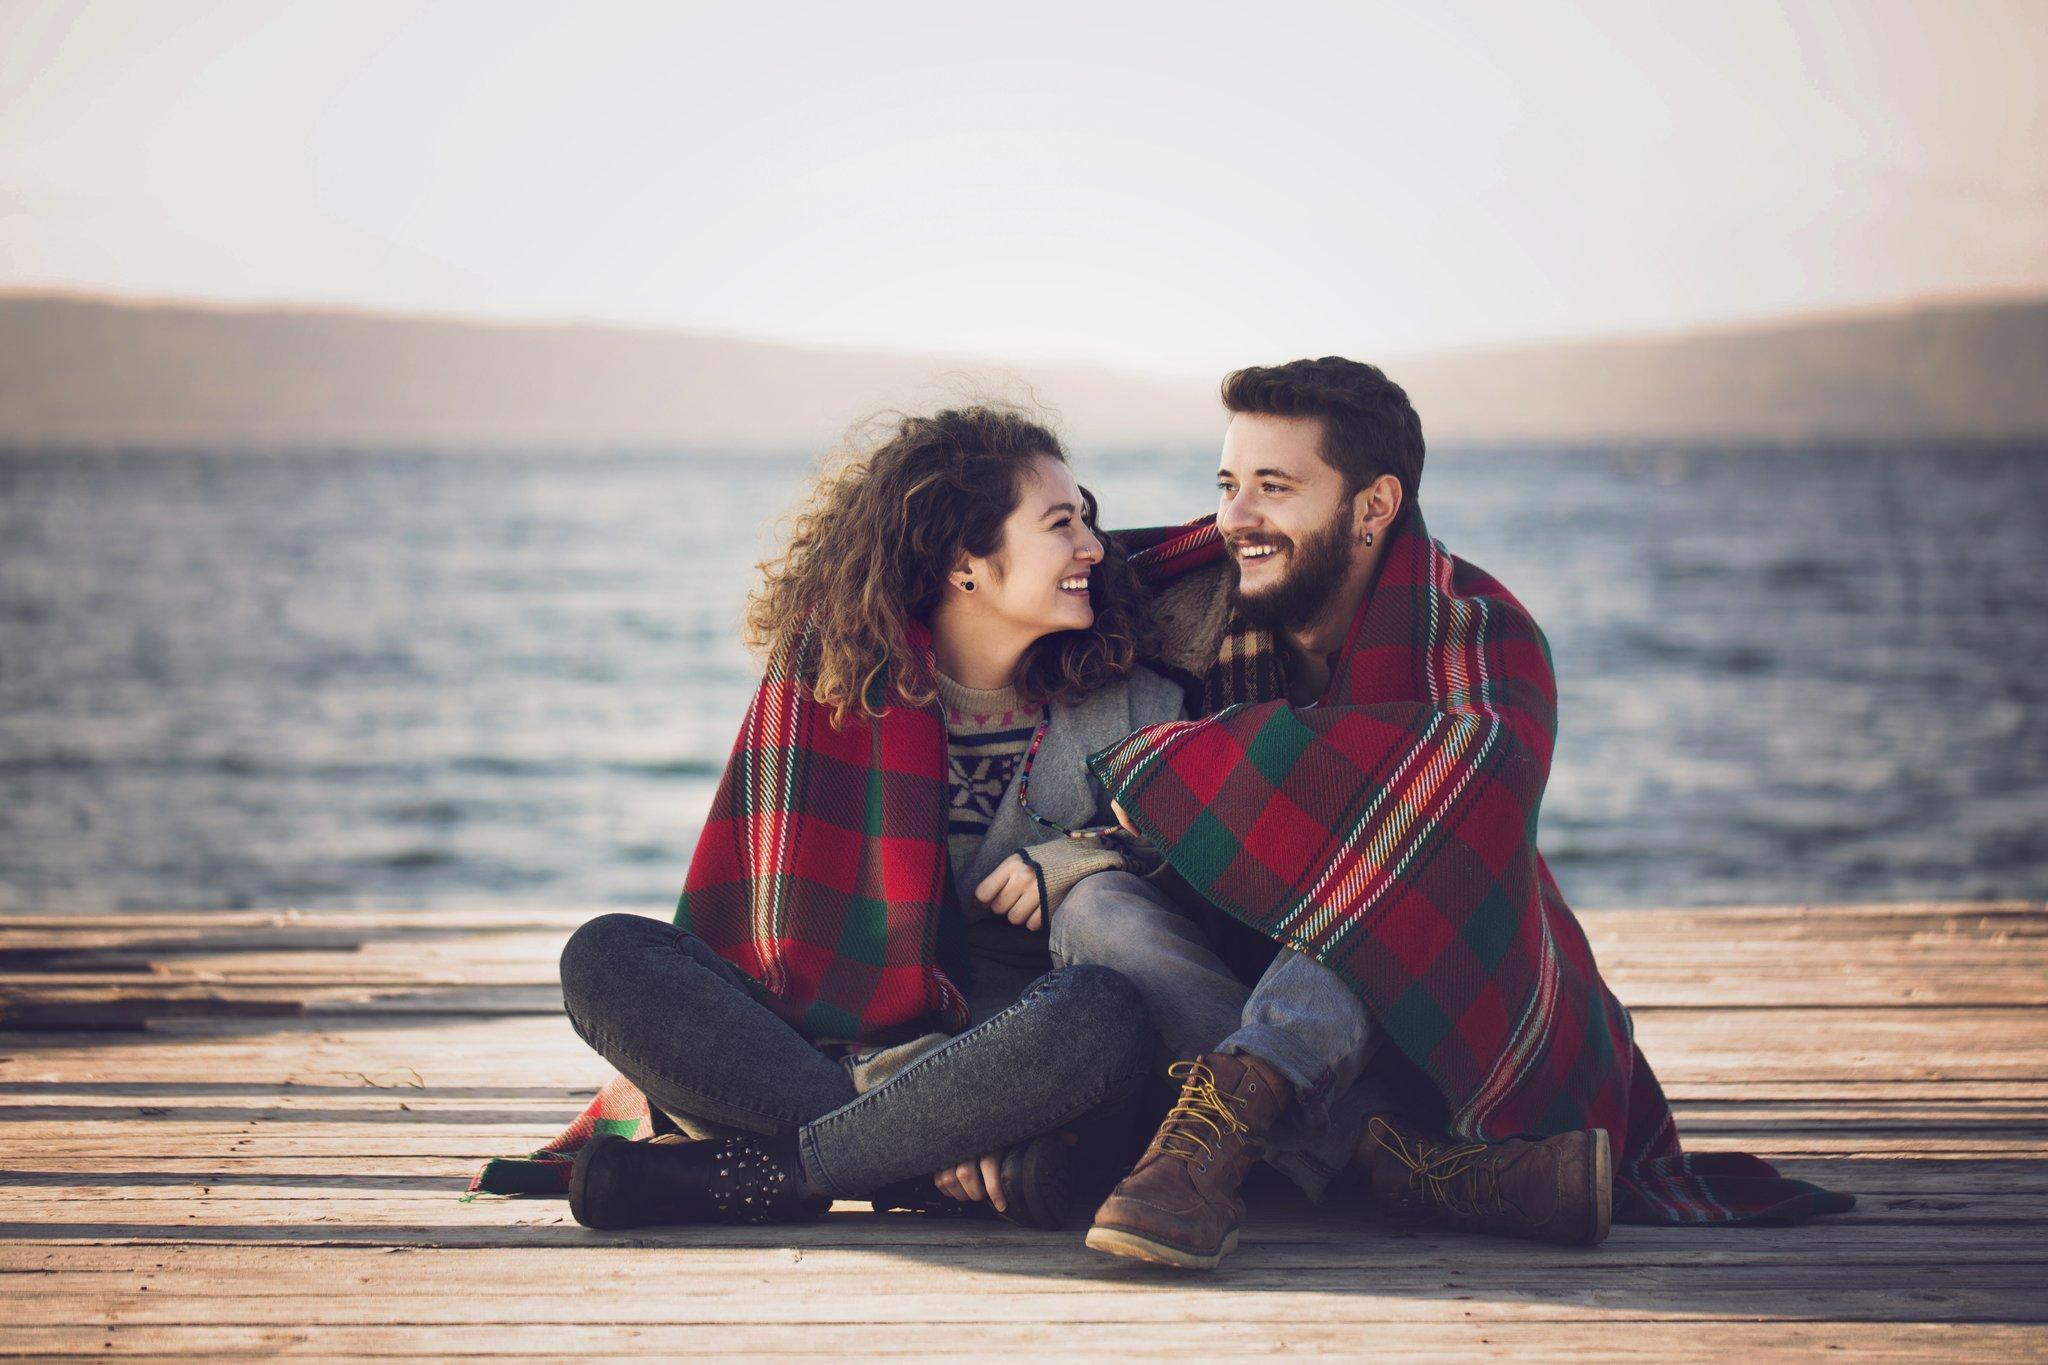 بالصور صور رومانسية جديدة , اجمل الصور الرومانسية ٢٠١٨ unnamed file 105